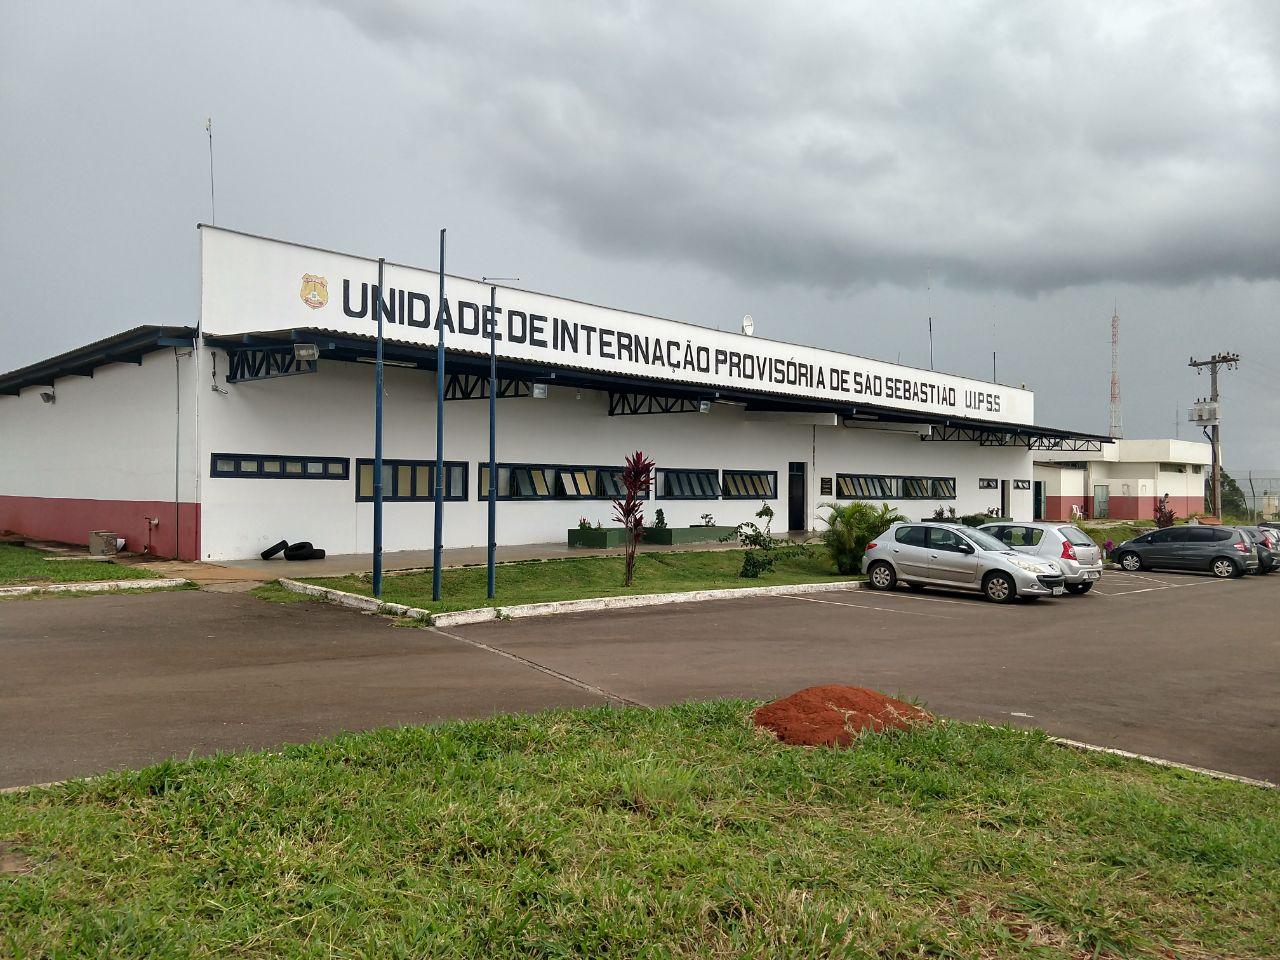 Reformada a Unidade de Internação Provisória do Sistema Socioeducativo de São Sebastião, localizada na Fazenda da Papuda S/Nº - São Sebastião.